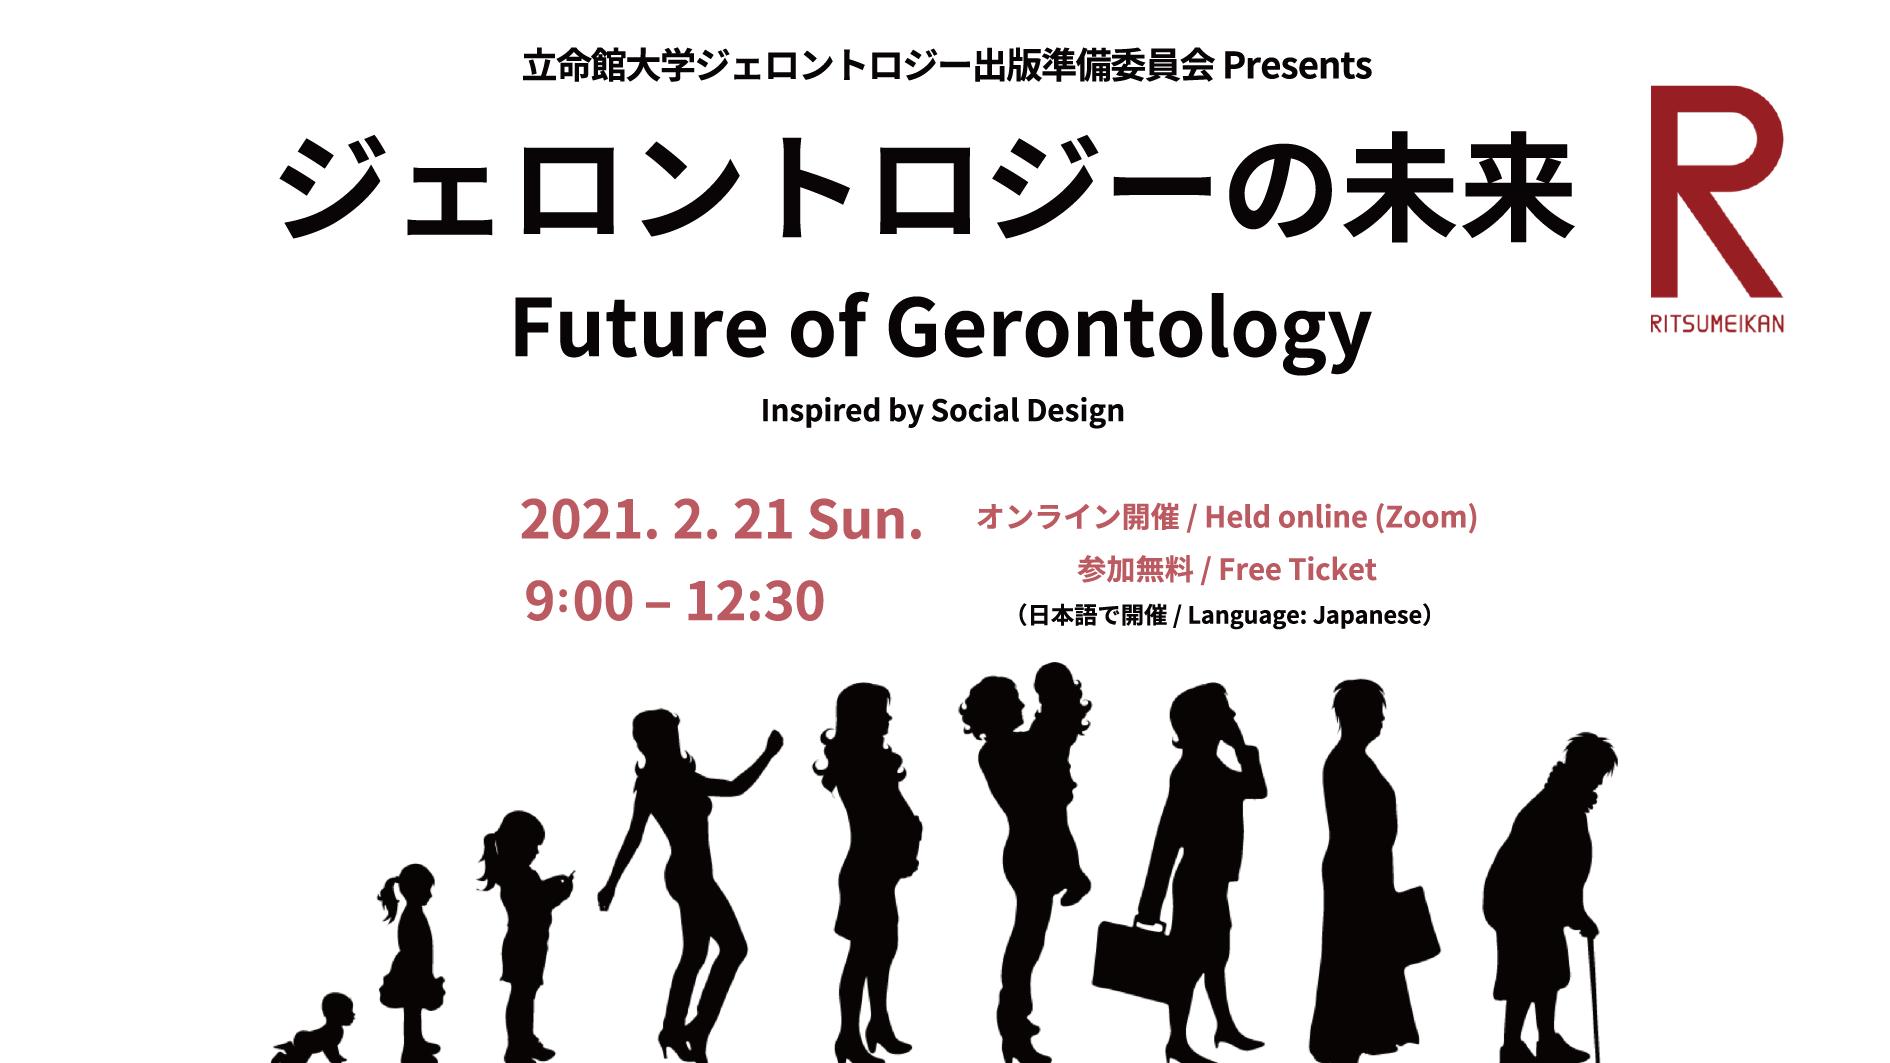 「ジェロントロジーの未来」を紐解くオンラインウェビナー